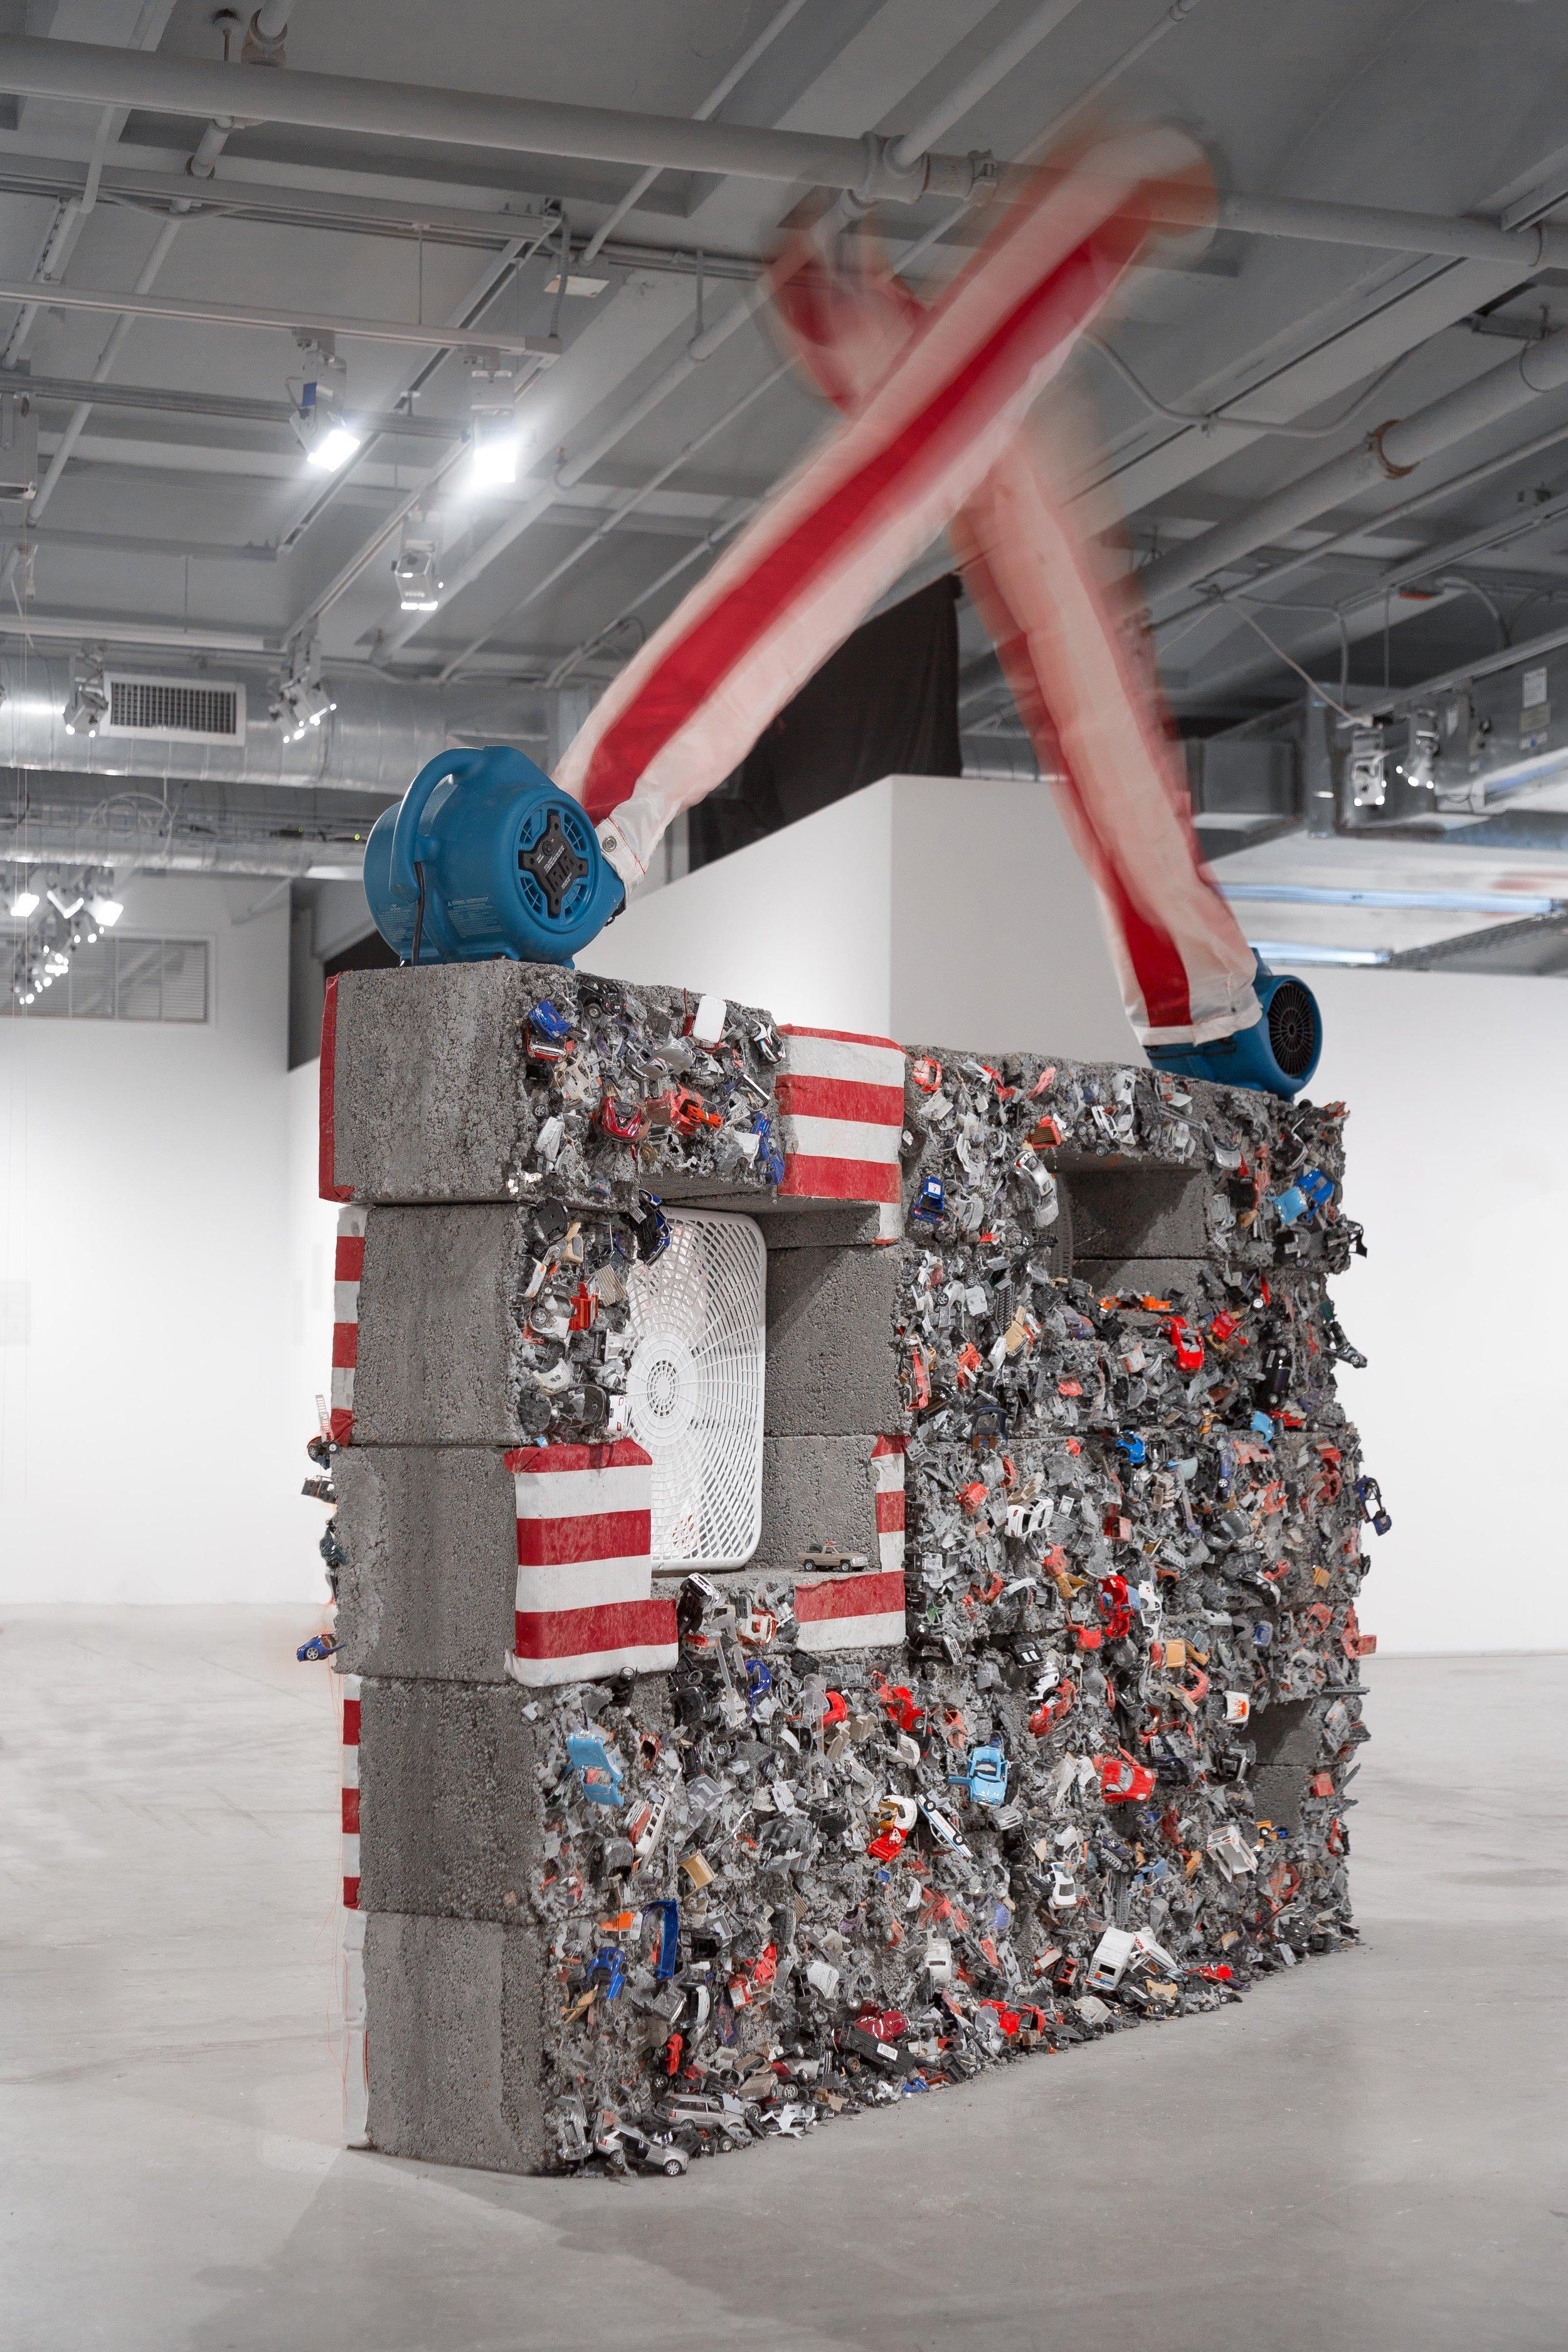 Detroit, 2019  concrete, toy cars, fans, U.S. flags (back view)